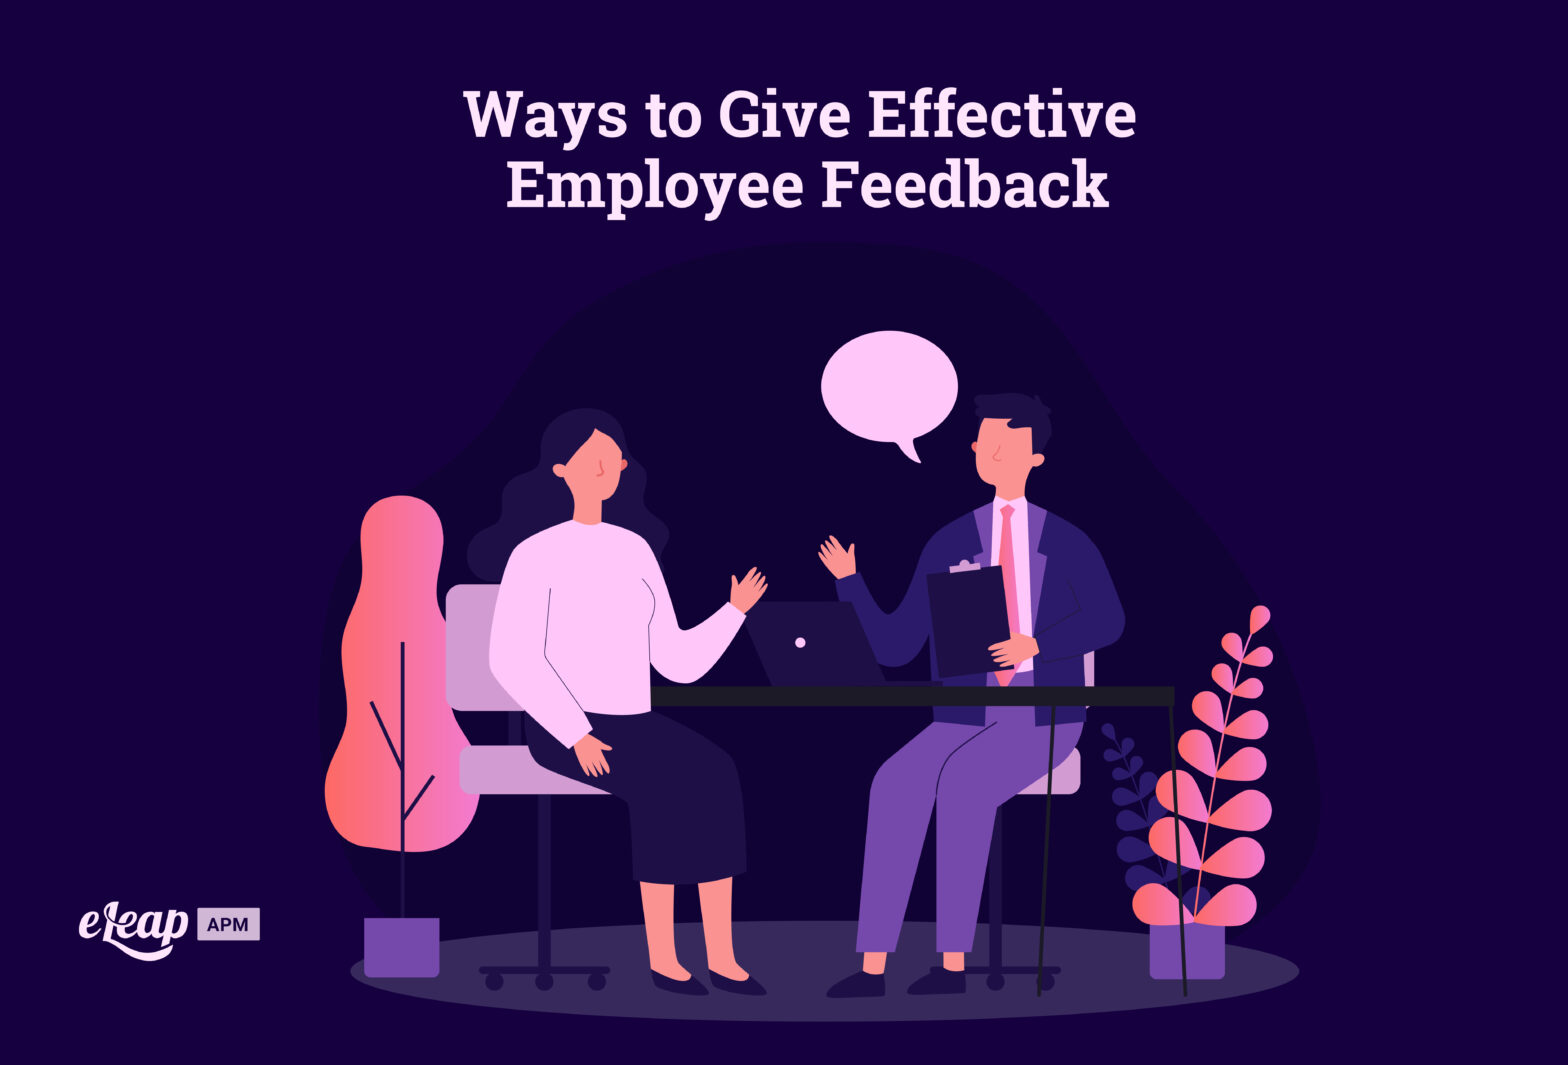 Ways to Give Effective Employee Feedback